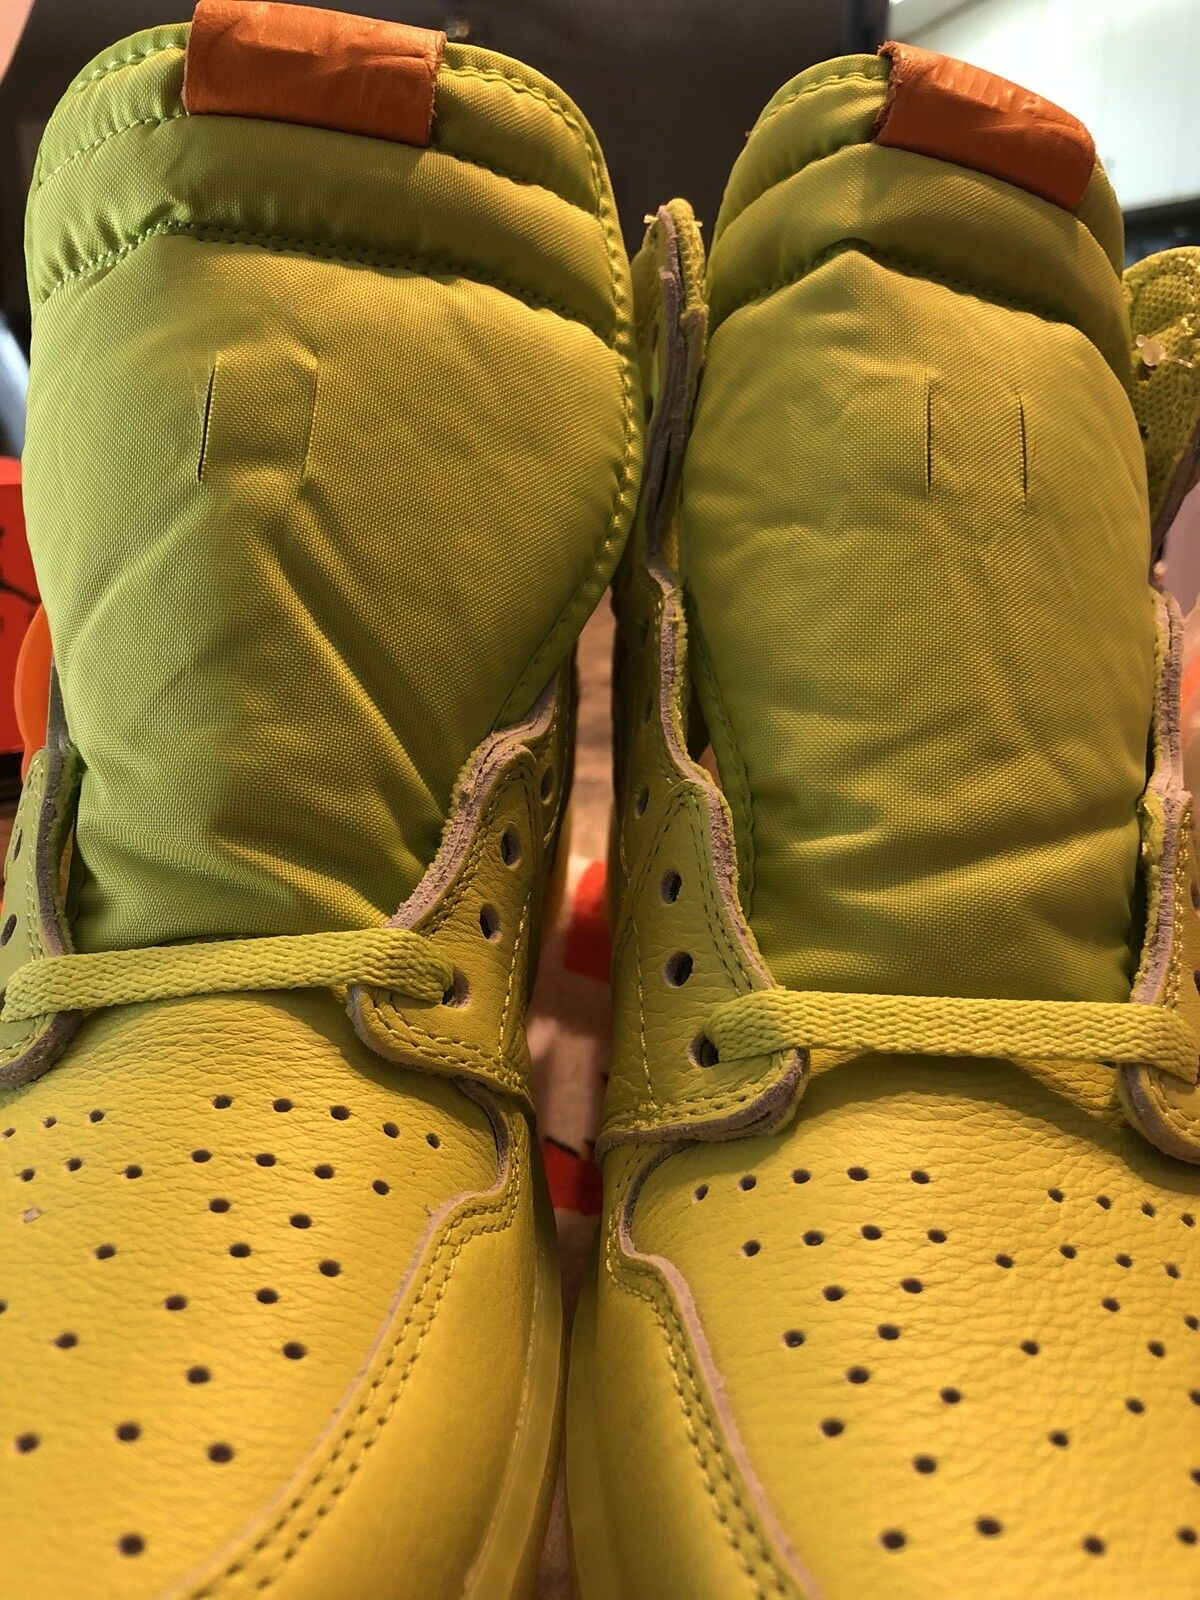 Nike Air Jordan 1 Retro High Gatorade US Lemon Lime size 10 US Gatorade NIB d76b04